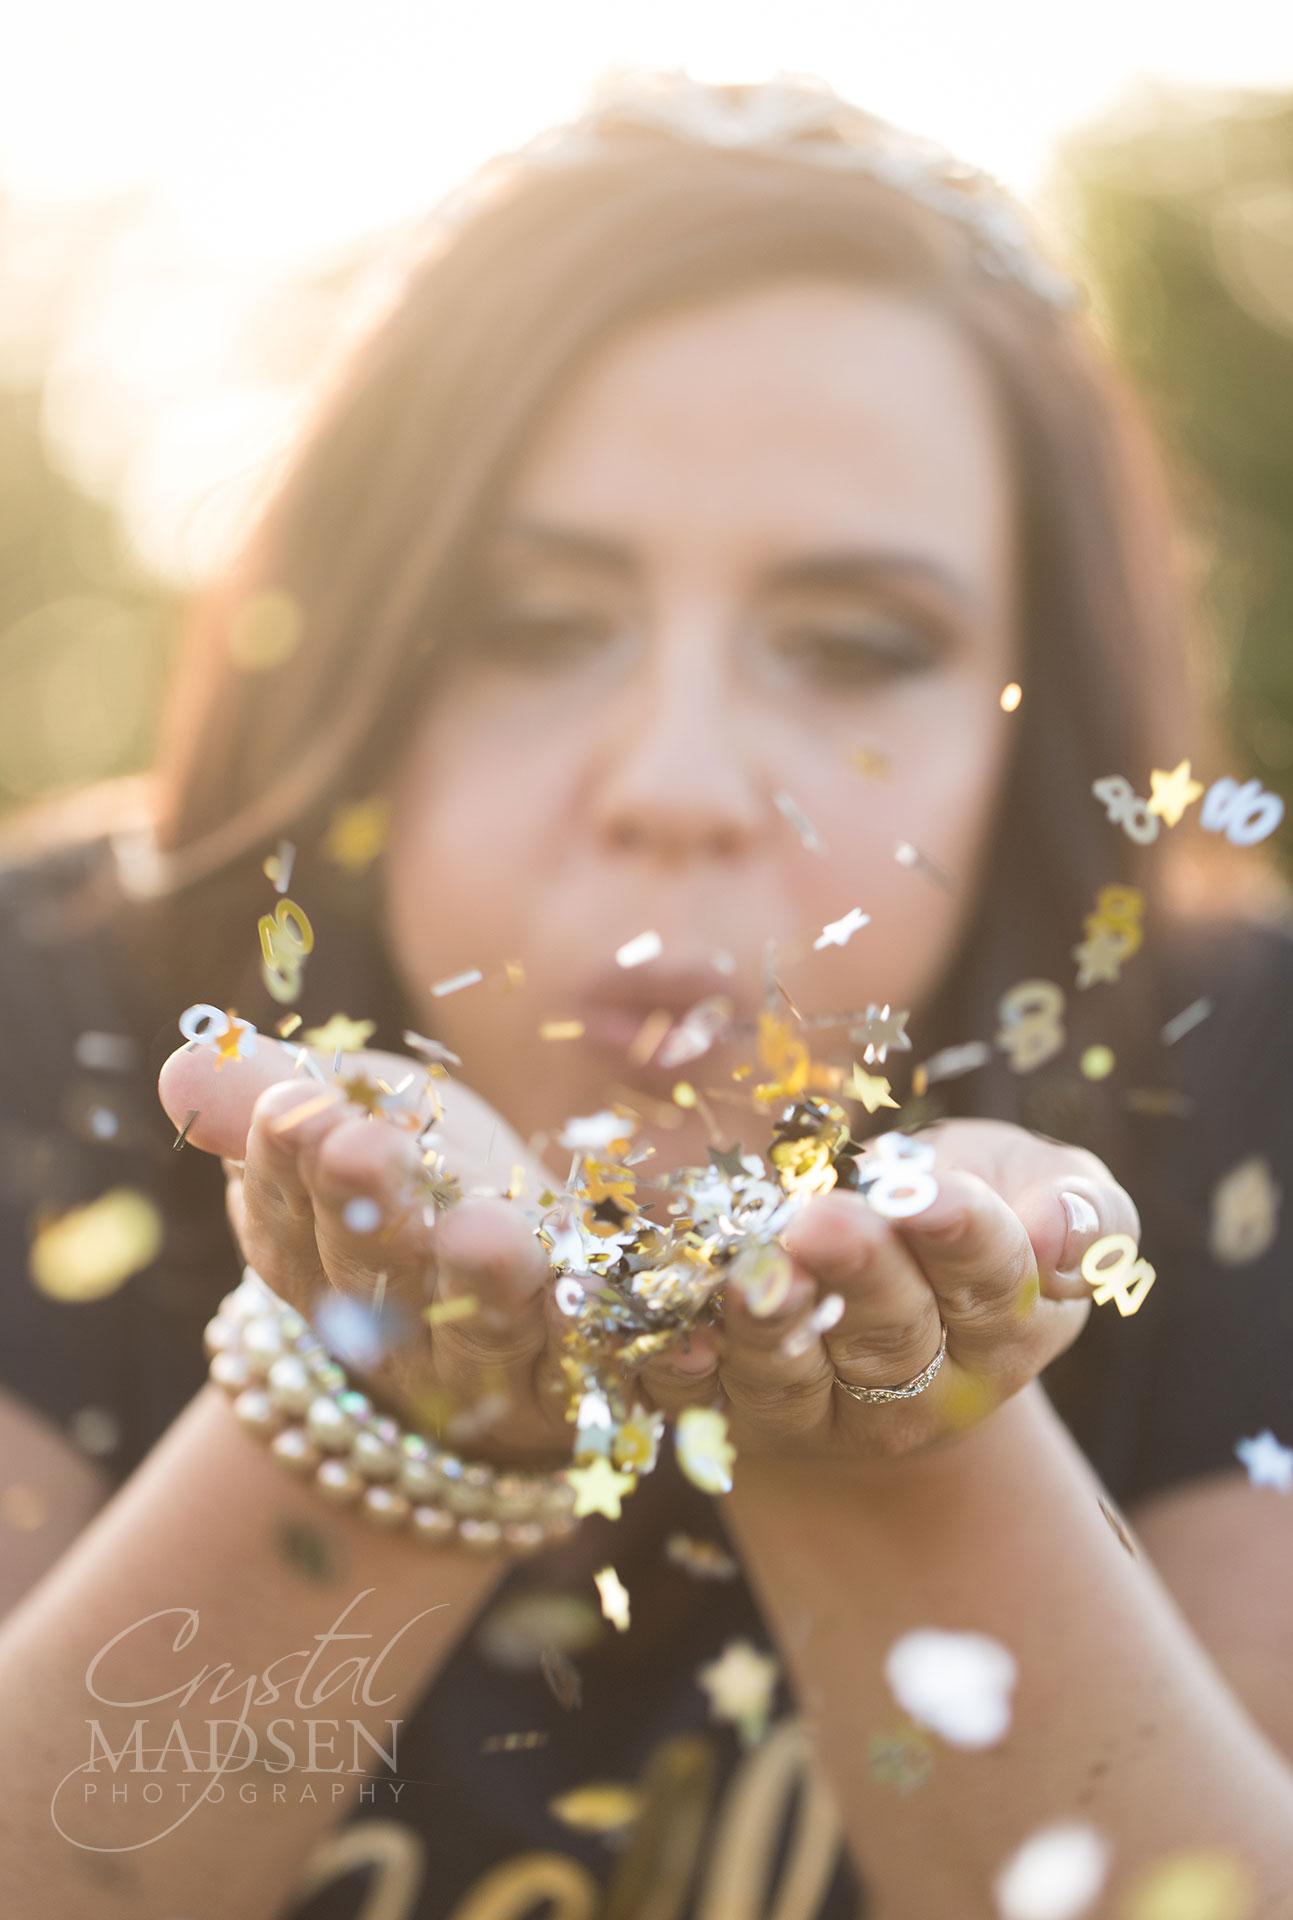 Blowing confetti birthday